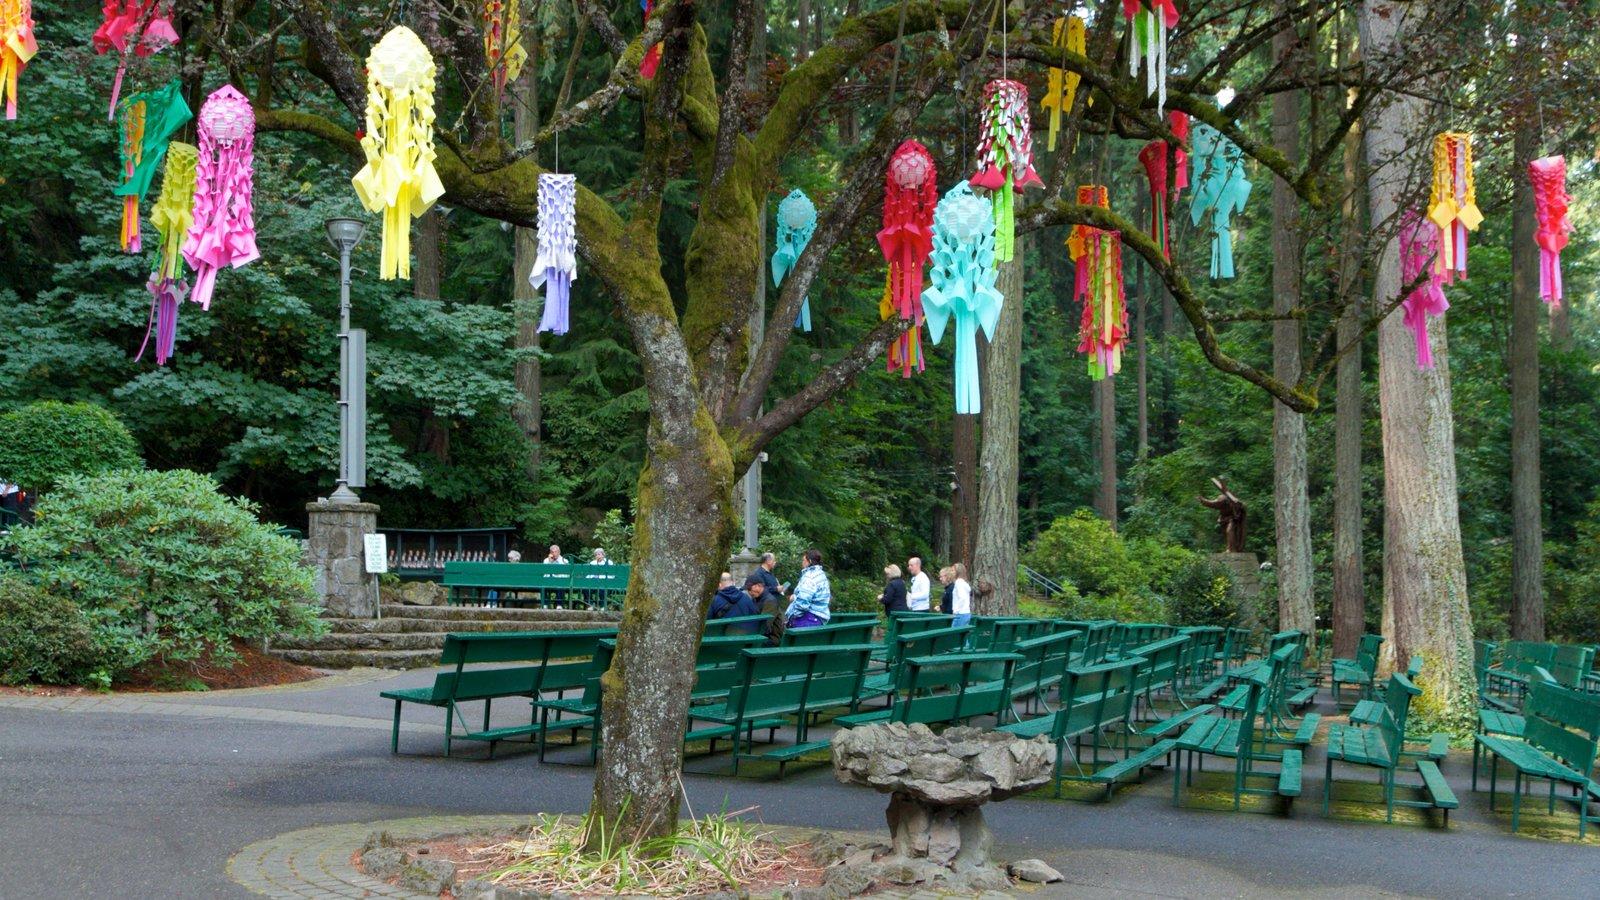 Grotto ofreciendo arte, arte al aire libre y vistas de paisajes